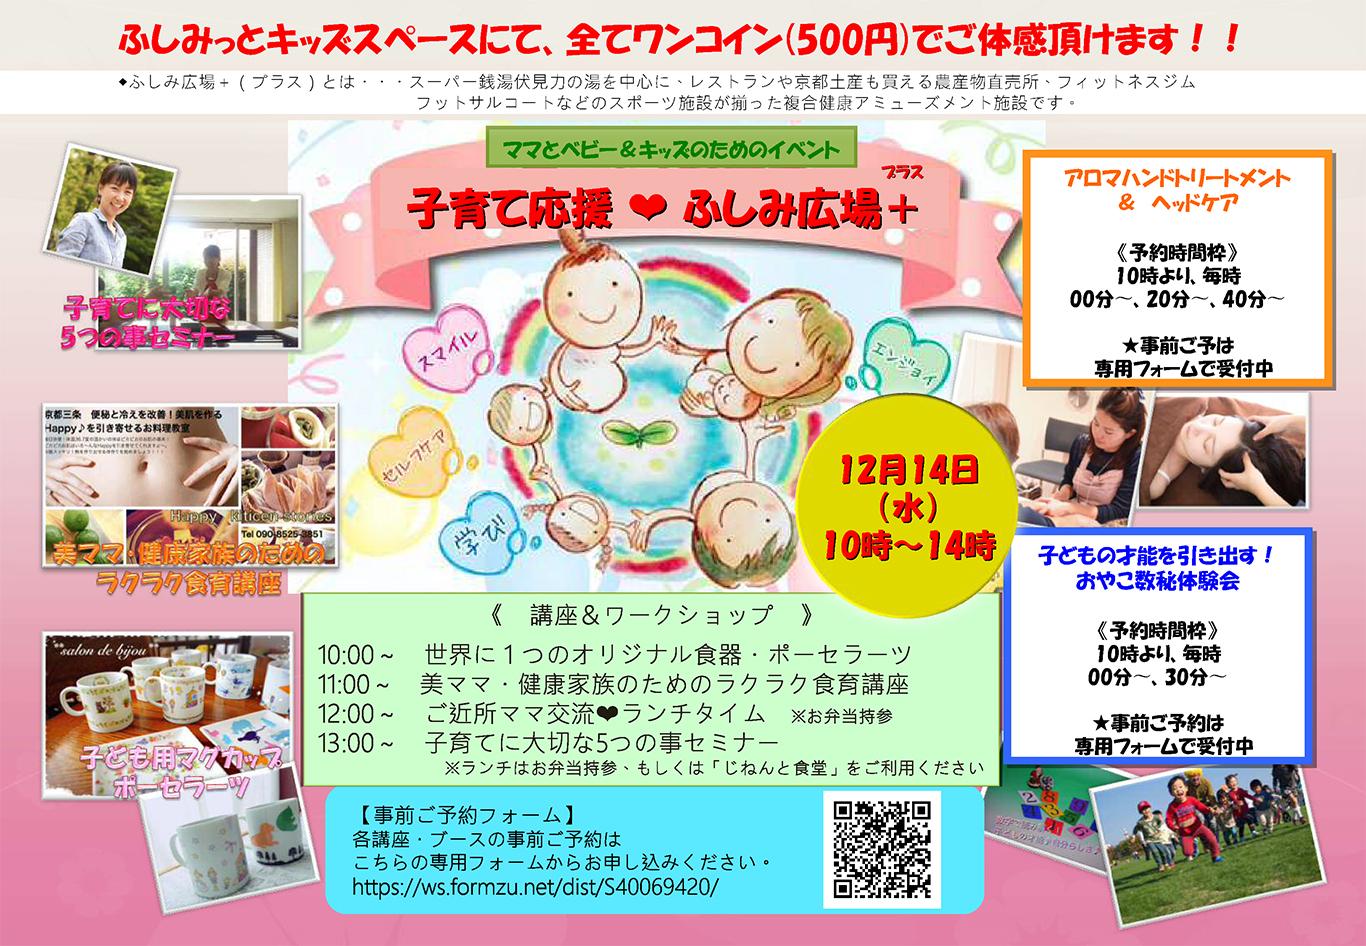 ふしみ広場+主催「子育て応援」イベントのお知らせ